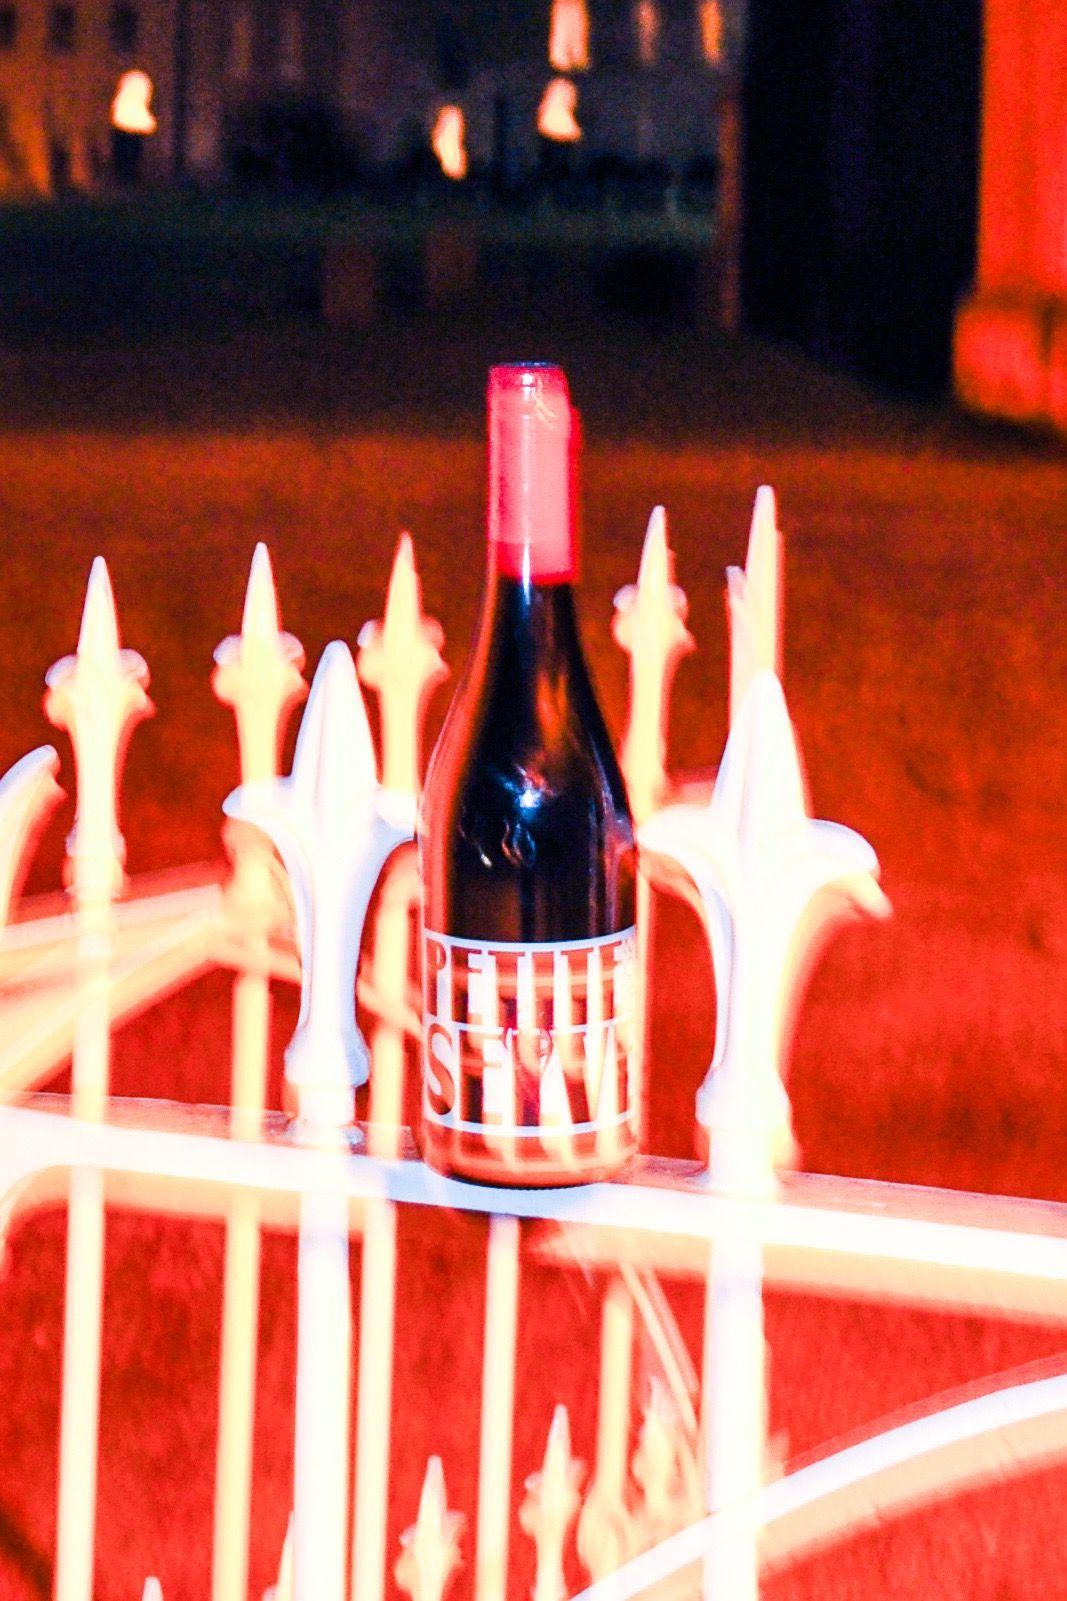 La Petite Selve Red 2016 Delicious Biodynamic Wine Bristol Streetart Laselve Nfizz Wine Biodyvin Lowsulphi Wine Bottle Carrier Wine Bottle Wine Drinks